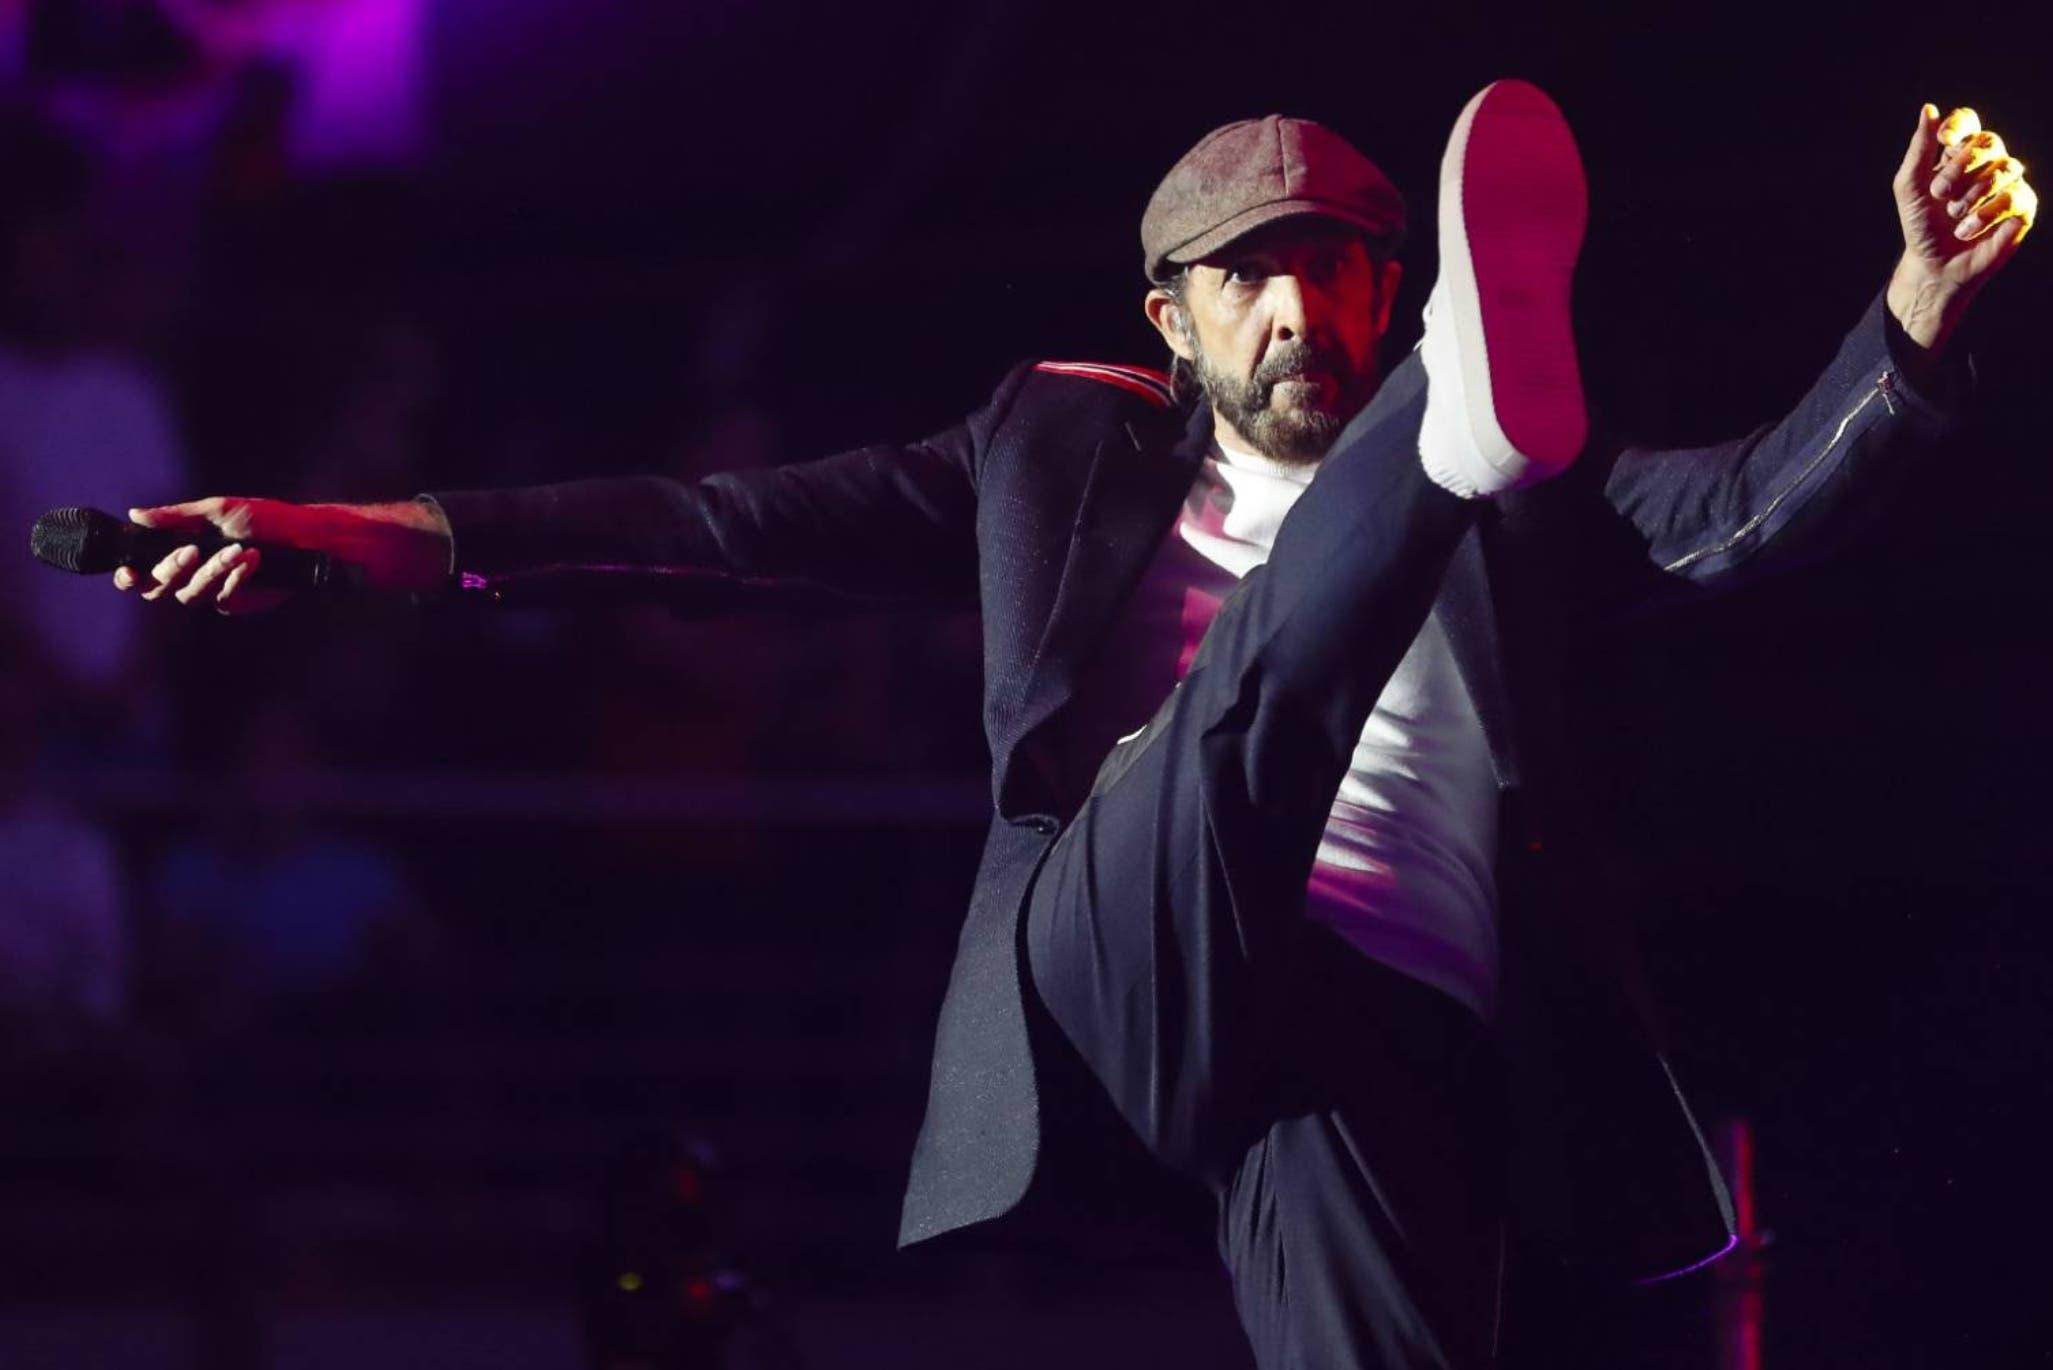 """Juan Luis Guerra lleva una exitosa gira con su nuevo disco """"Literal"""", el cual presentó el pasado mes de mayo. Fuente externa"""